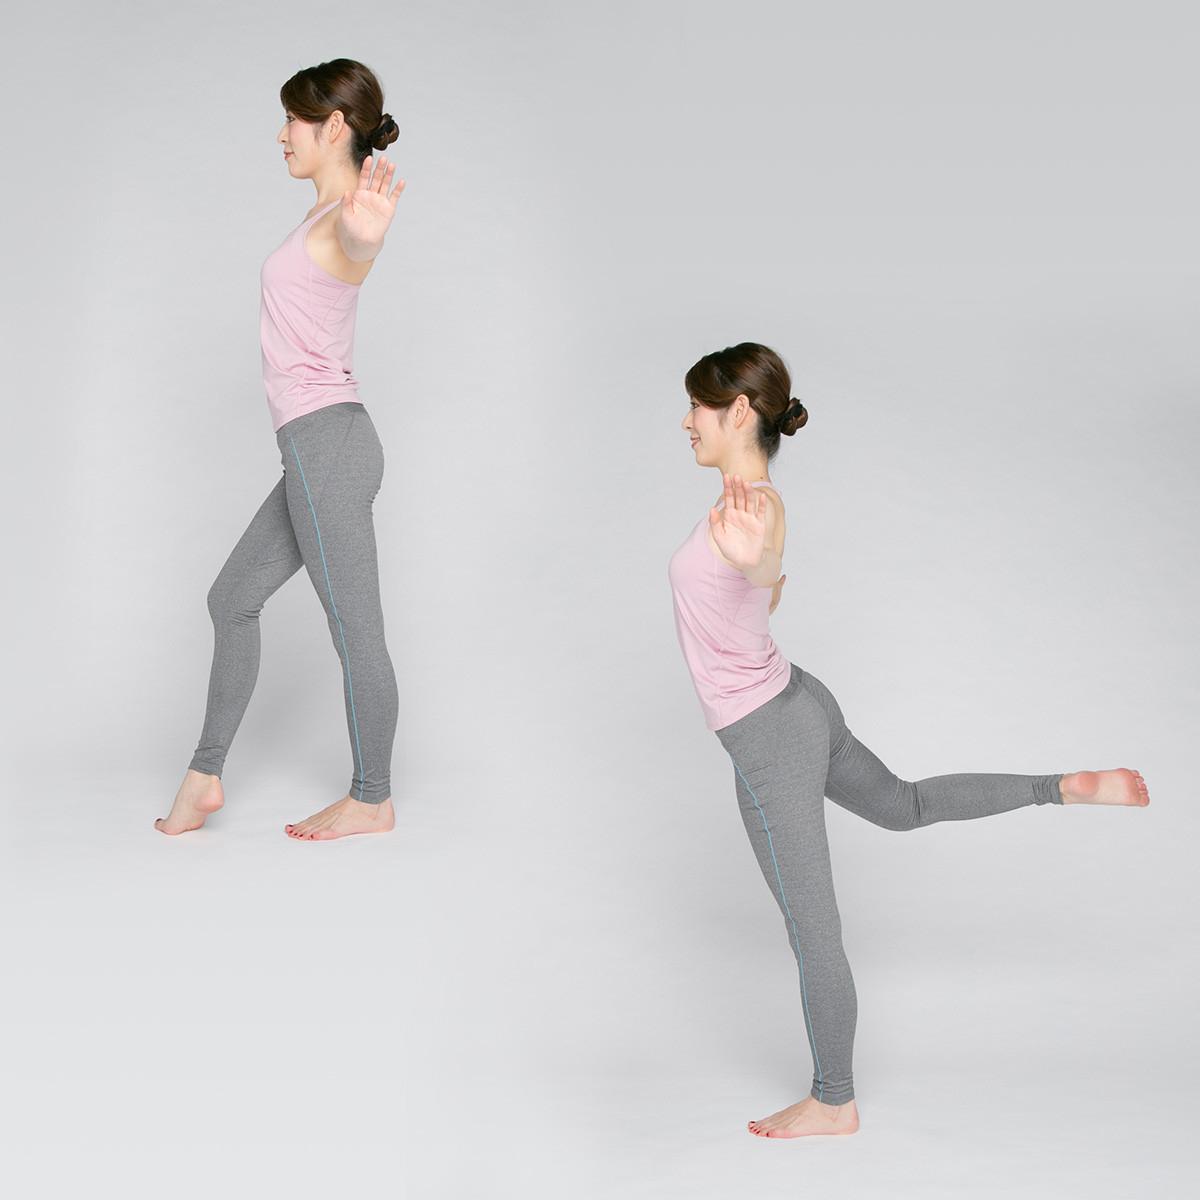 垂れ尻に喝!足の蹴り上げで奥行きと高さのあるヒップに【美尻プログラムLesson3】